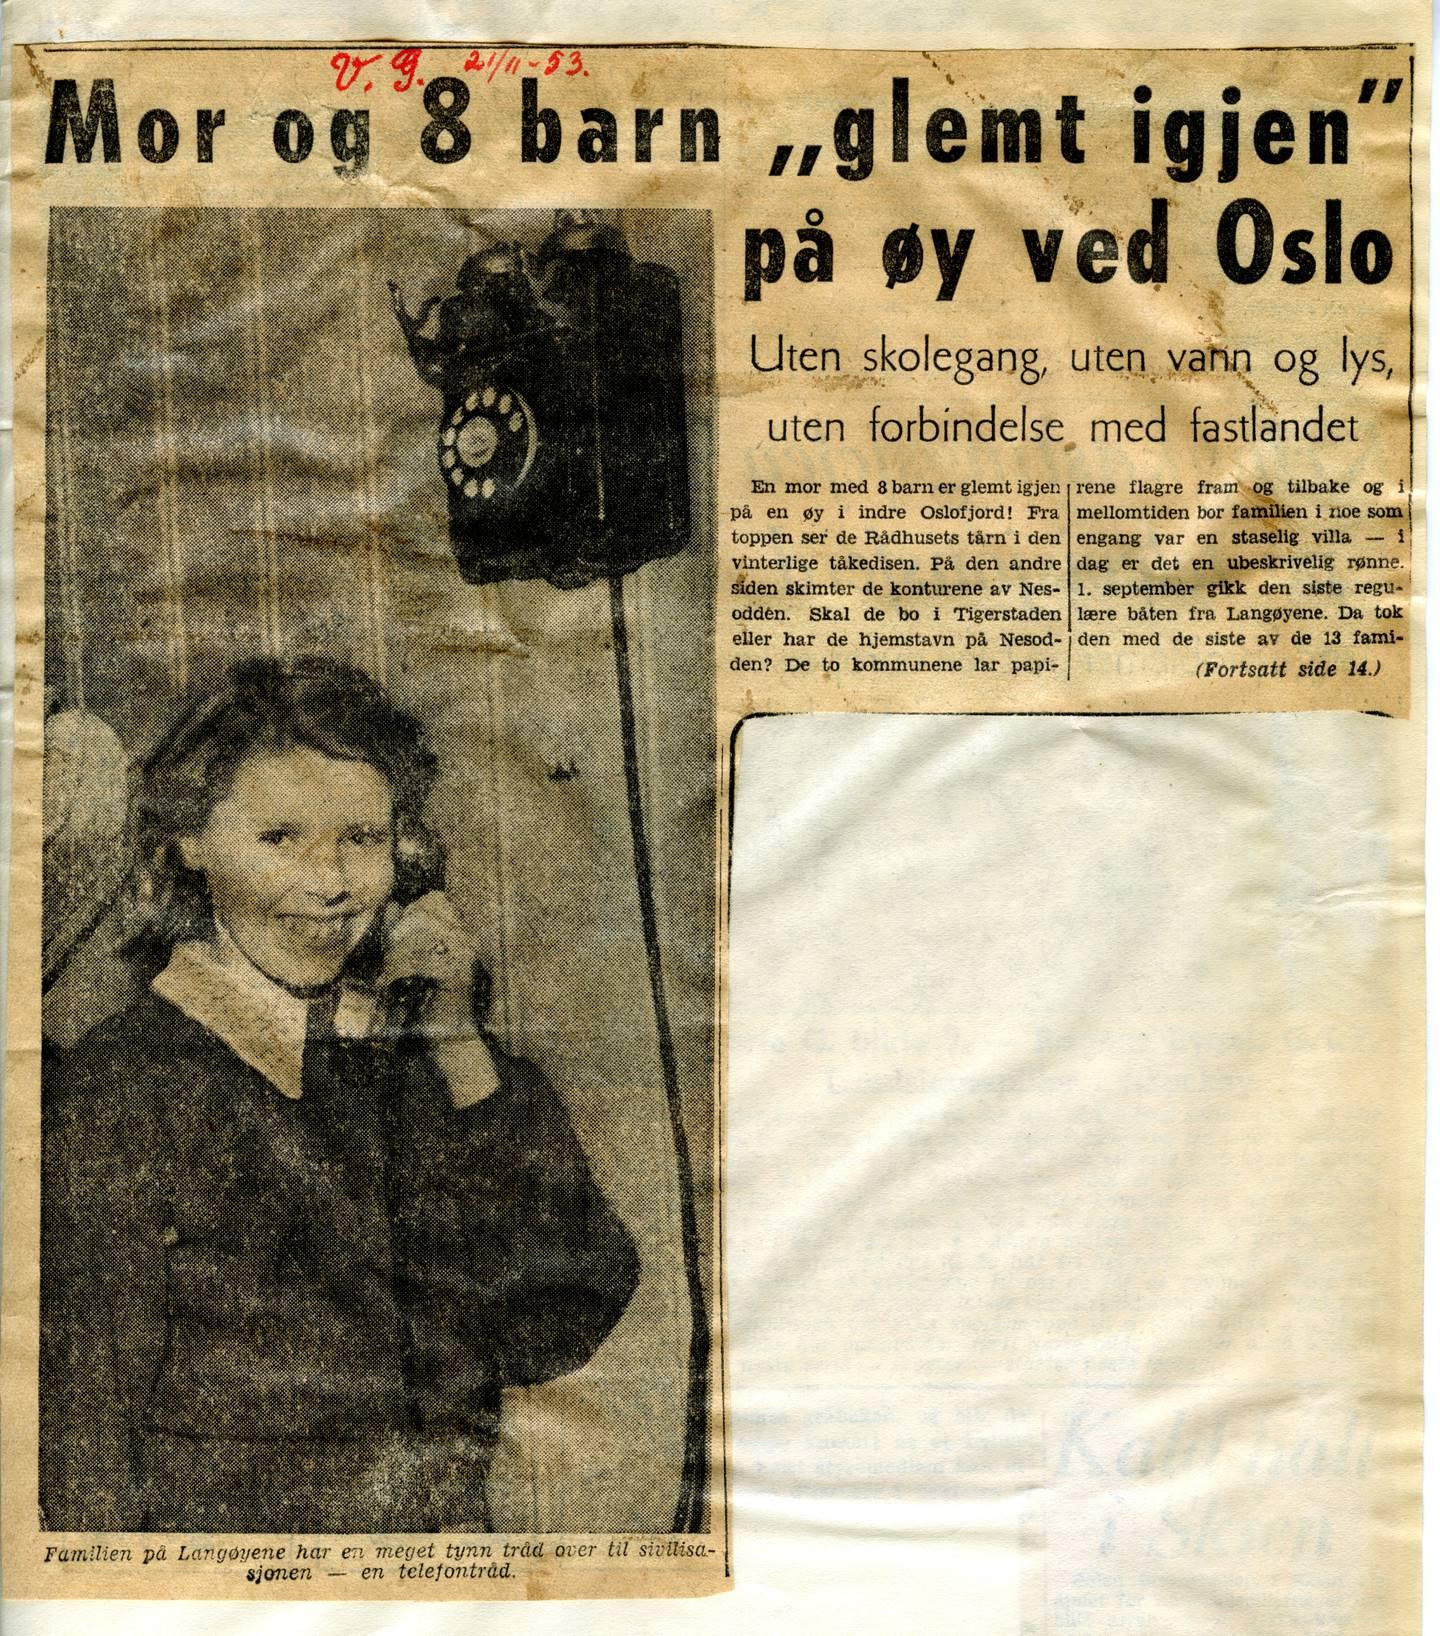 På det meste bodde det over 150 barn og voksne i de kommunale boligene på Langøyene. De fleste ble flyttet i 1953, men en mor med åtte barn ble sittende igjen helt alene uten ny bolig. VG skrev om familien som ble værende igjen Langøyene.